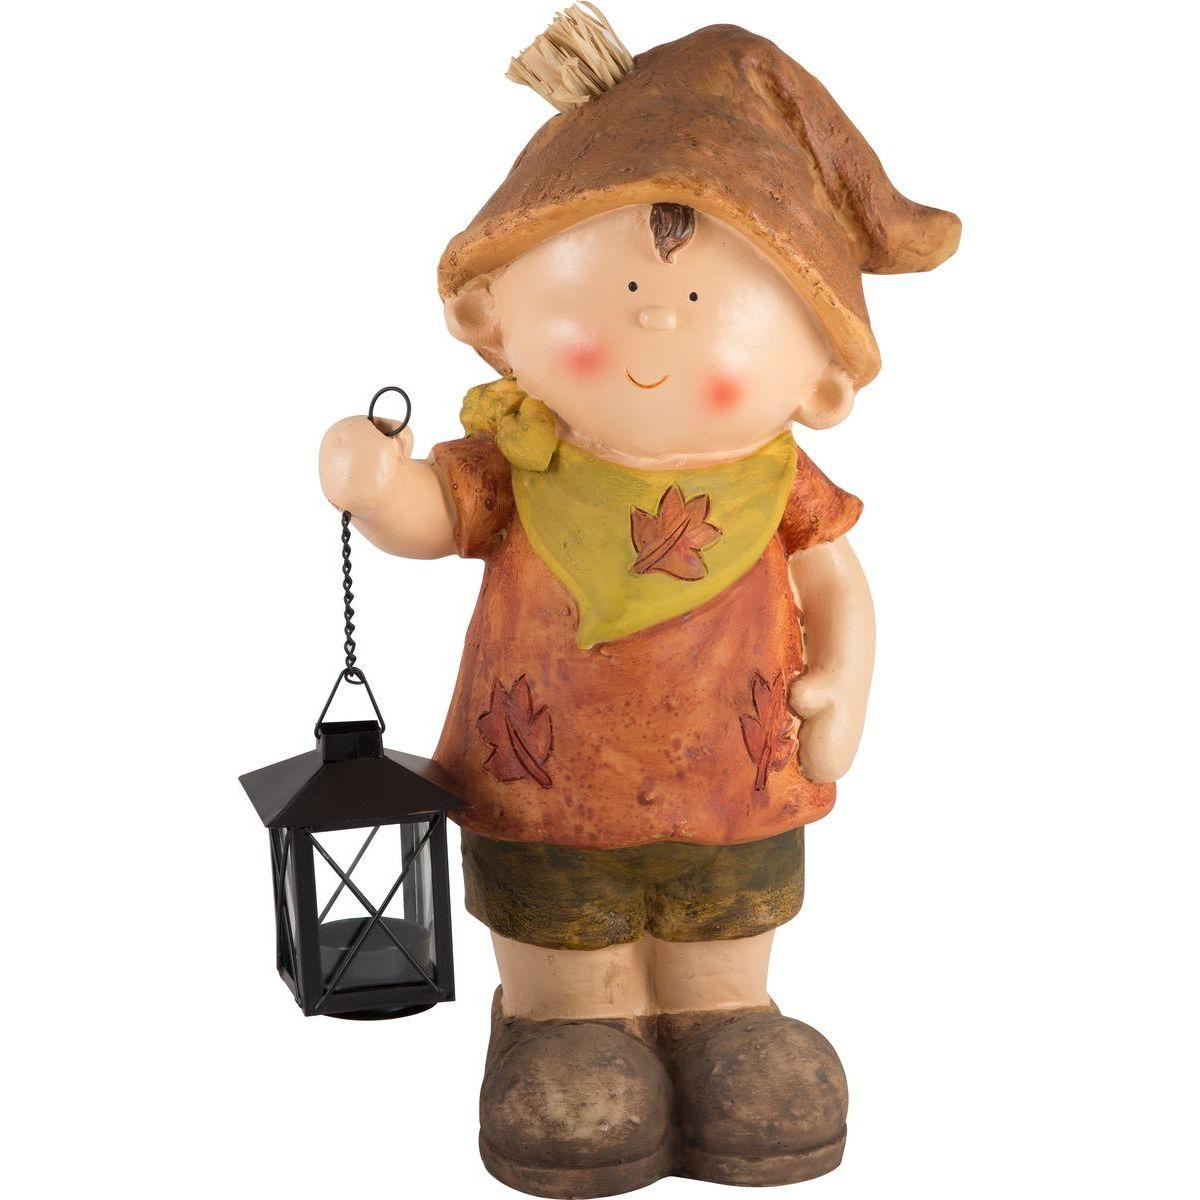 Фигурка садовая Park Мальчик с фонариком, GK-B-02